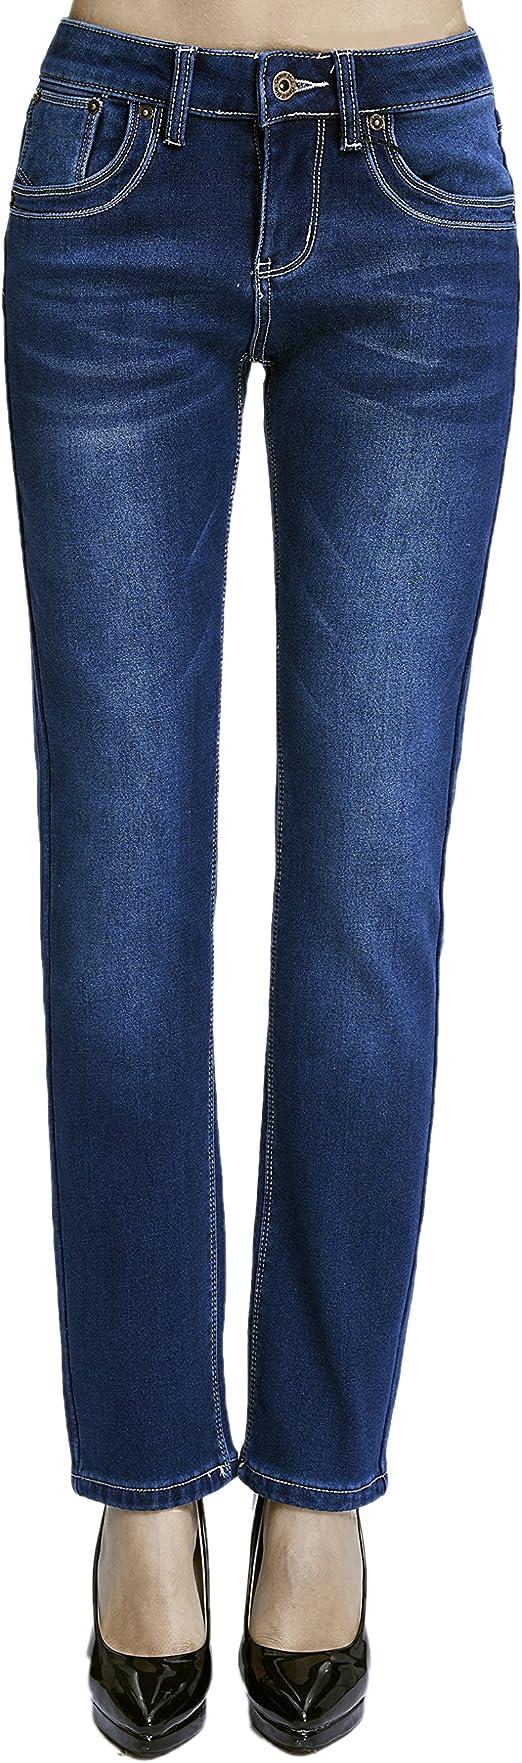 Imagen deCamii Mia Pantalones Vaqueros Térmicos con Forro Polar de Invierno Slim Fit para Mujer